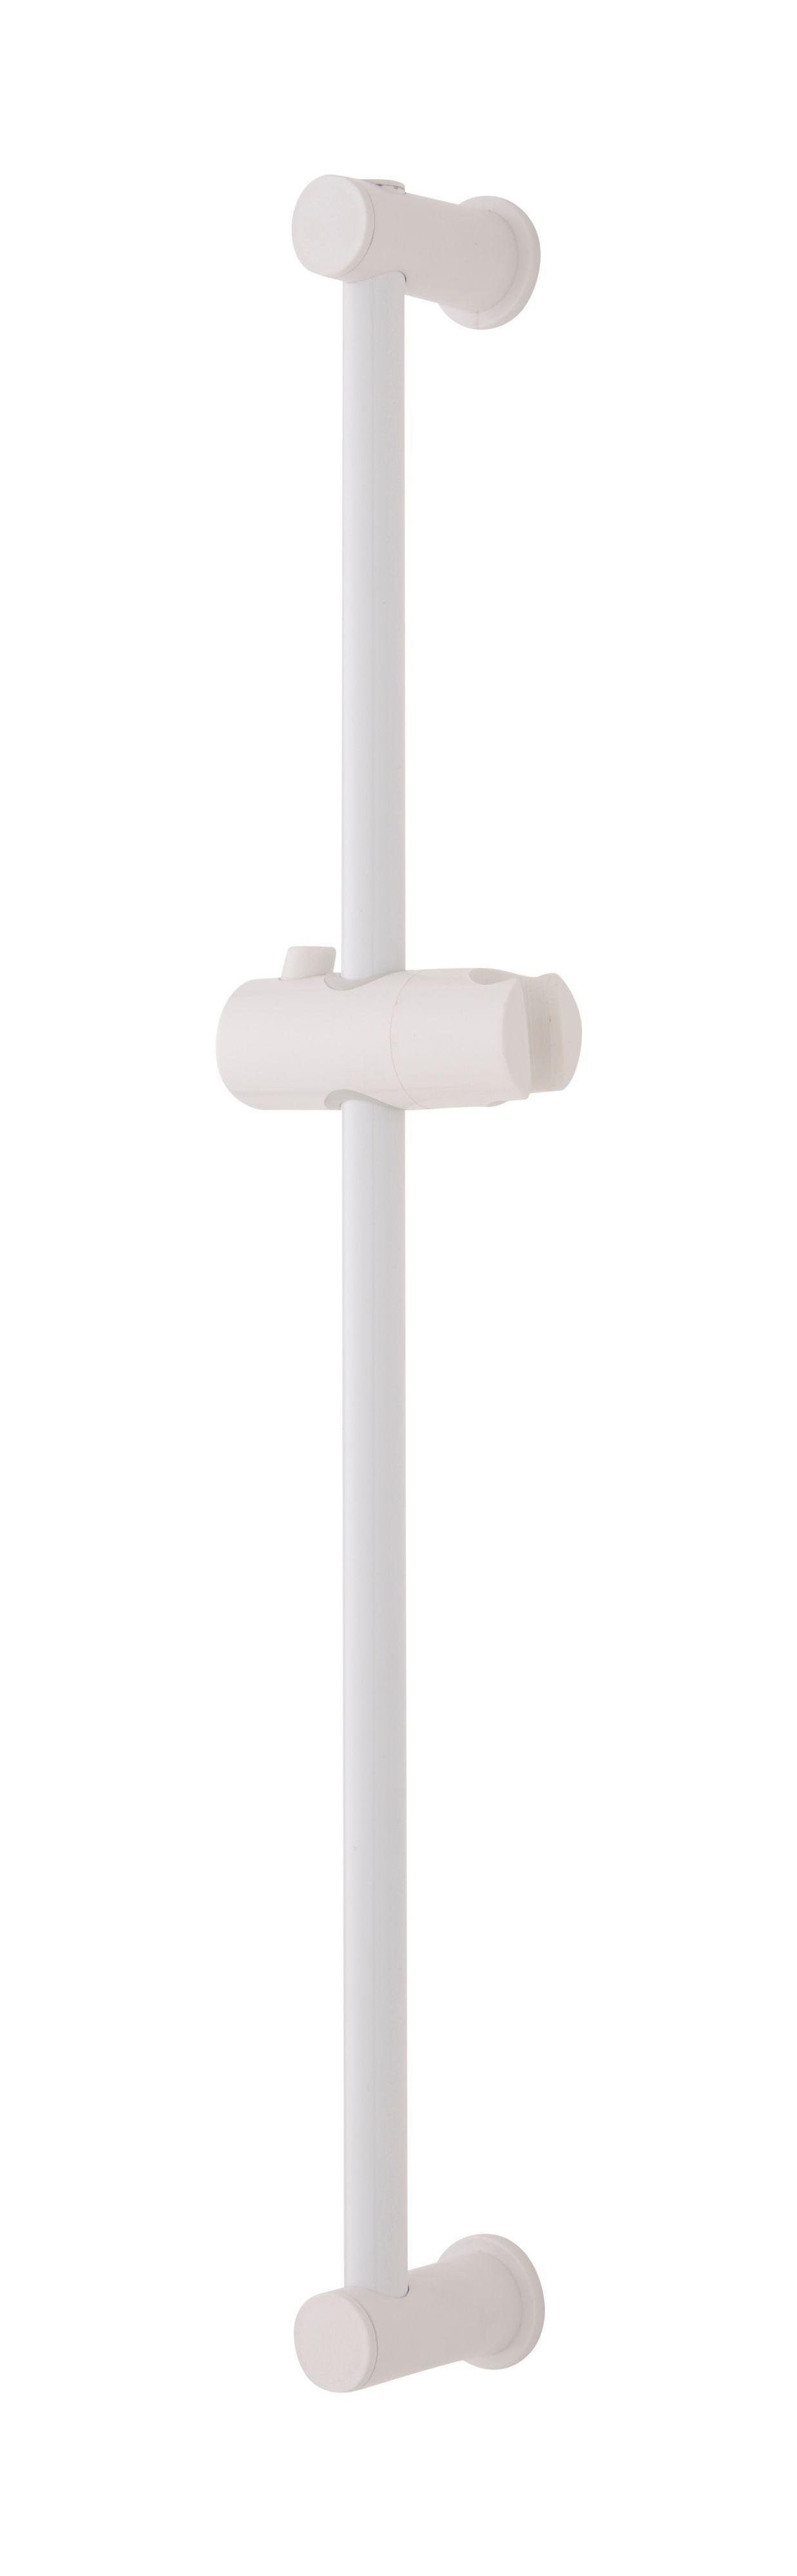 White Adjustable Shower Riser Rail